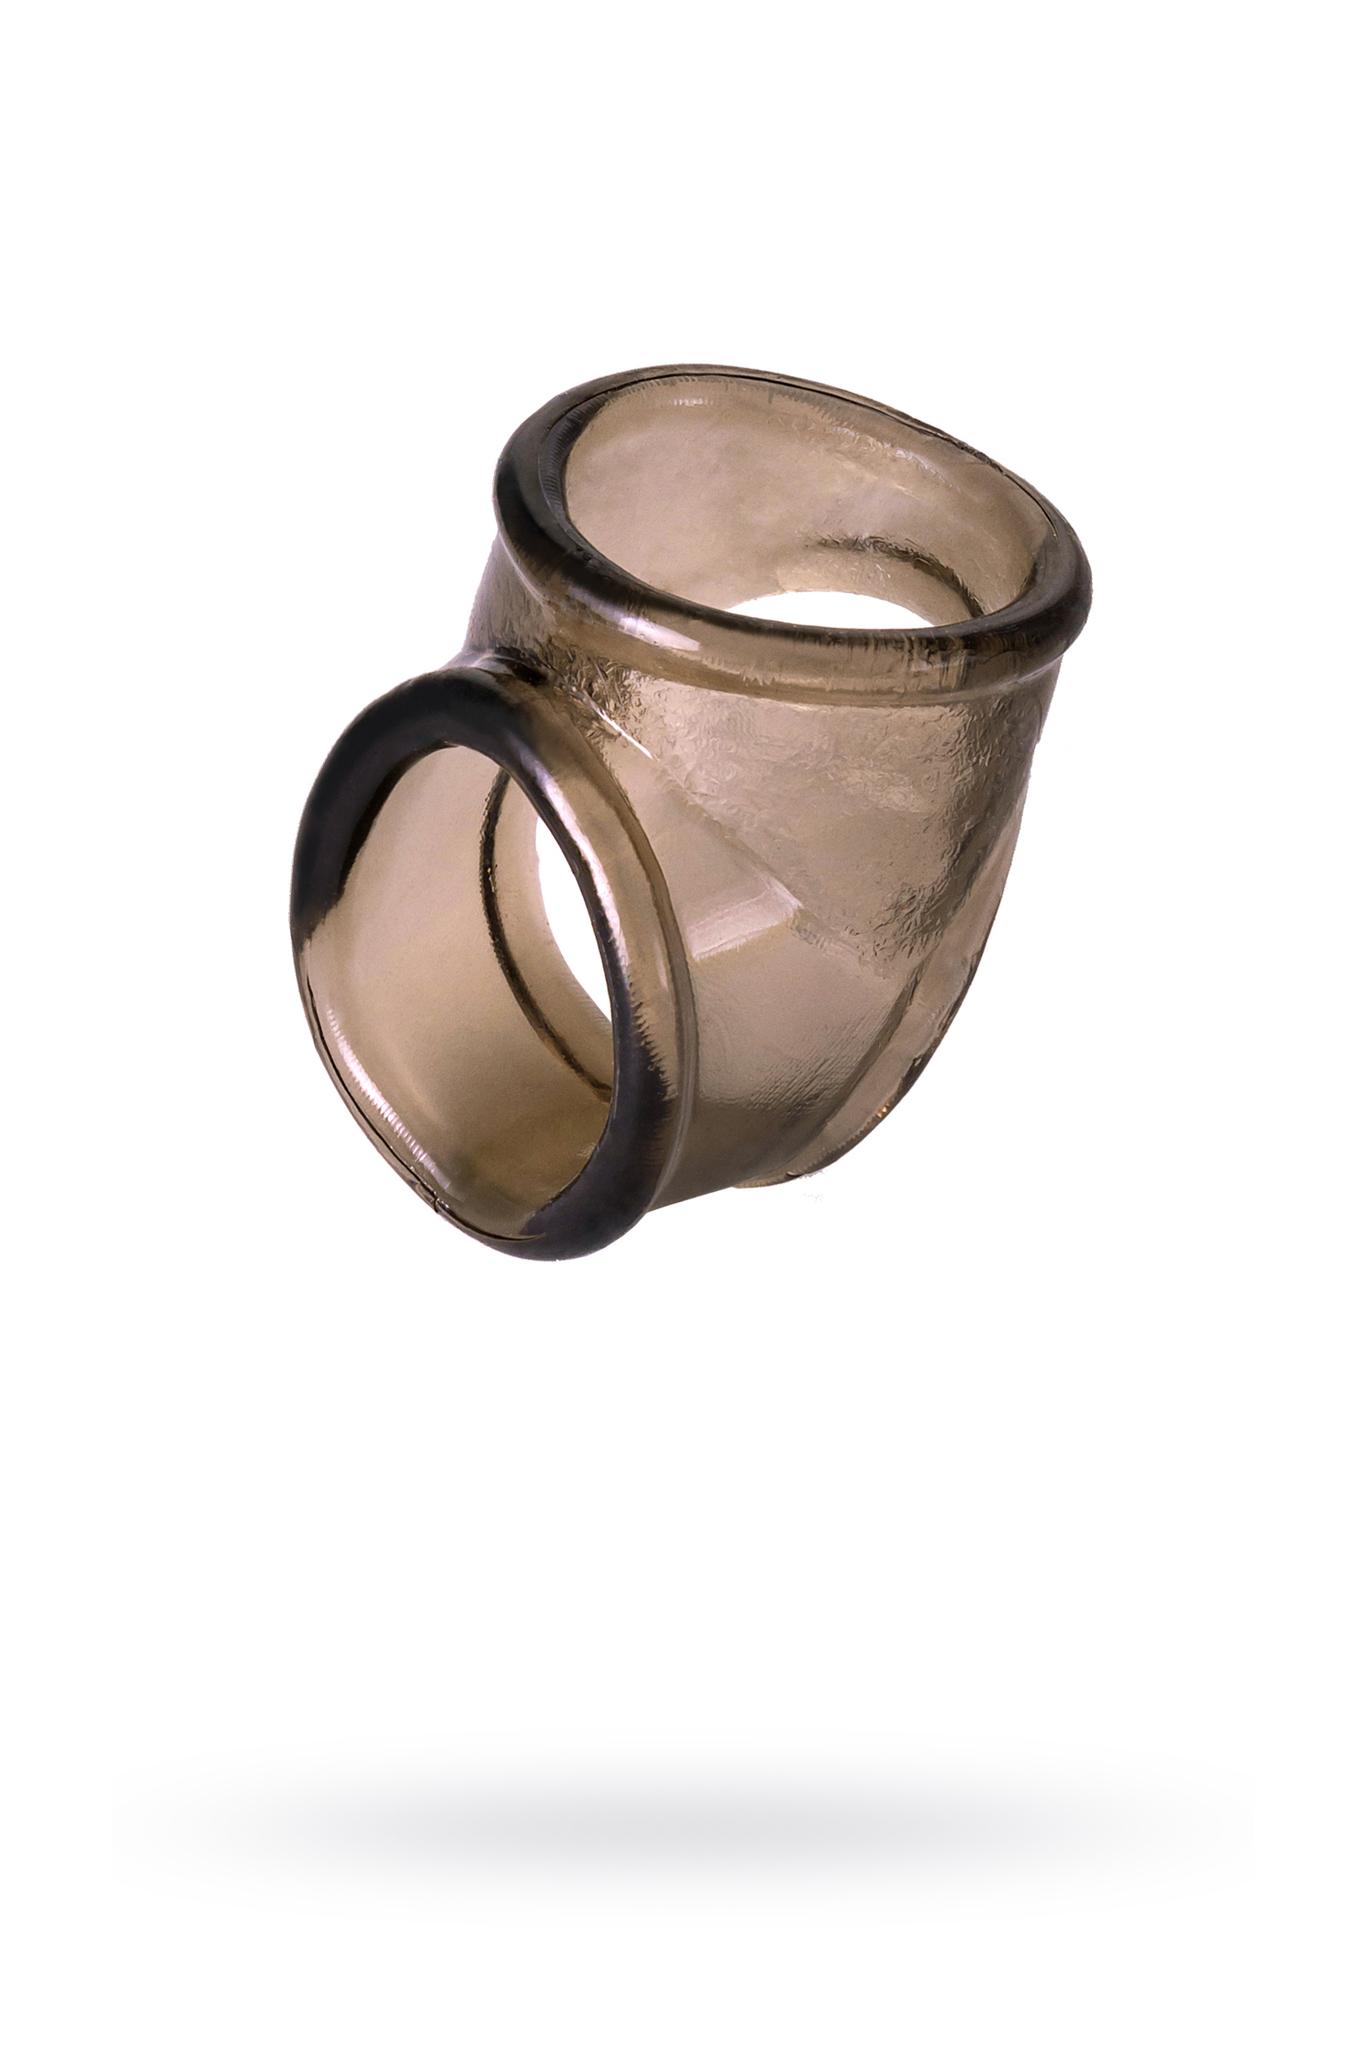 Эрекционное кольцо на пенис TOYFA XLover  , Термопластичный эластомер (TPE), чёрный, 3,5 см фото